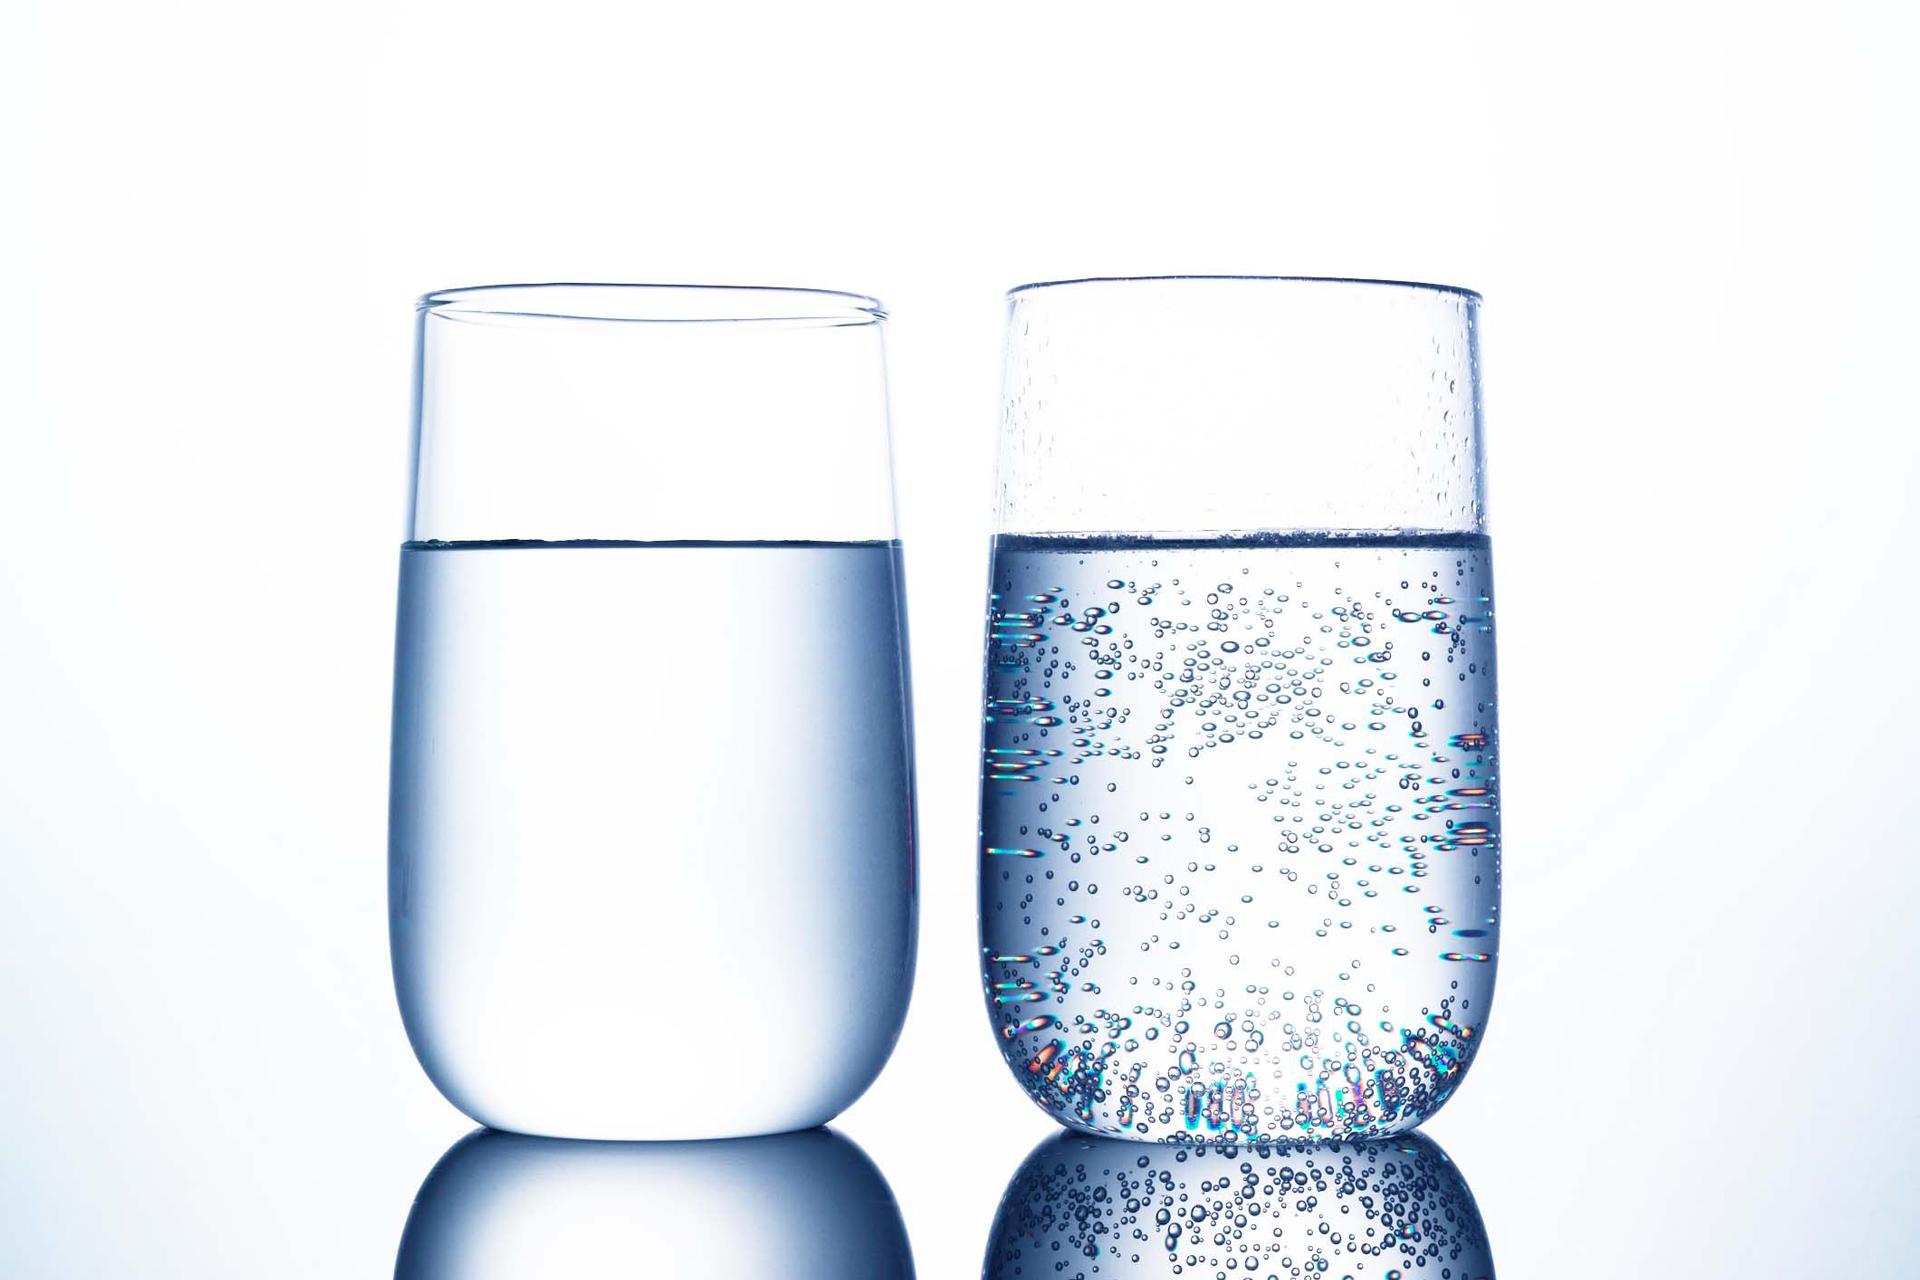 Acqua liscia, acqua frizzante: acqua gassata a prezzo di costo